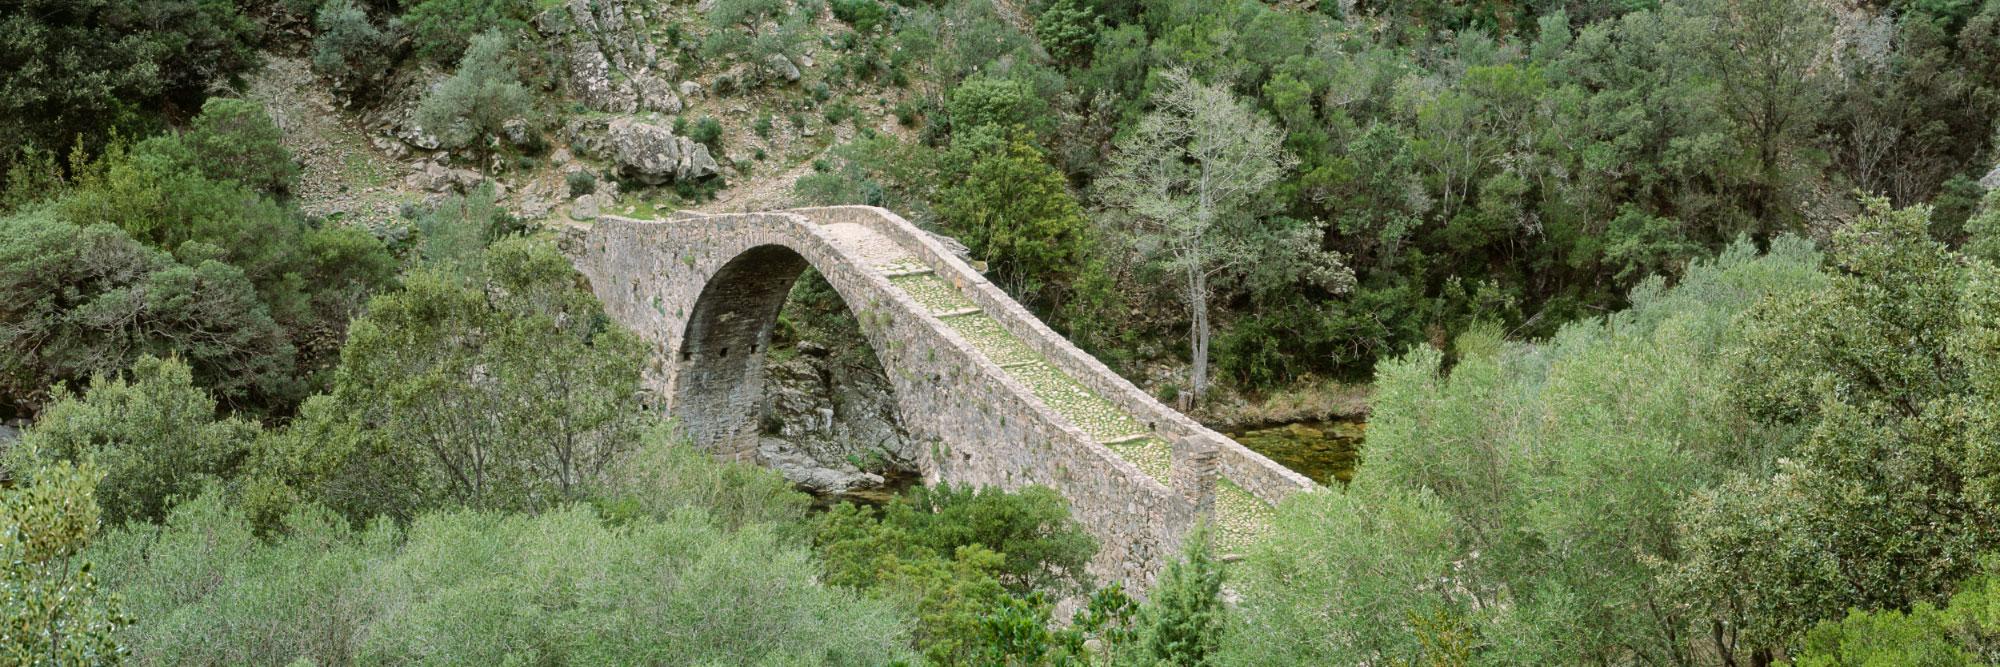 Pont génois d'Ota, dit 'Ponte Vecchiu'